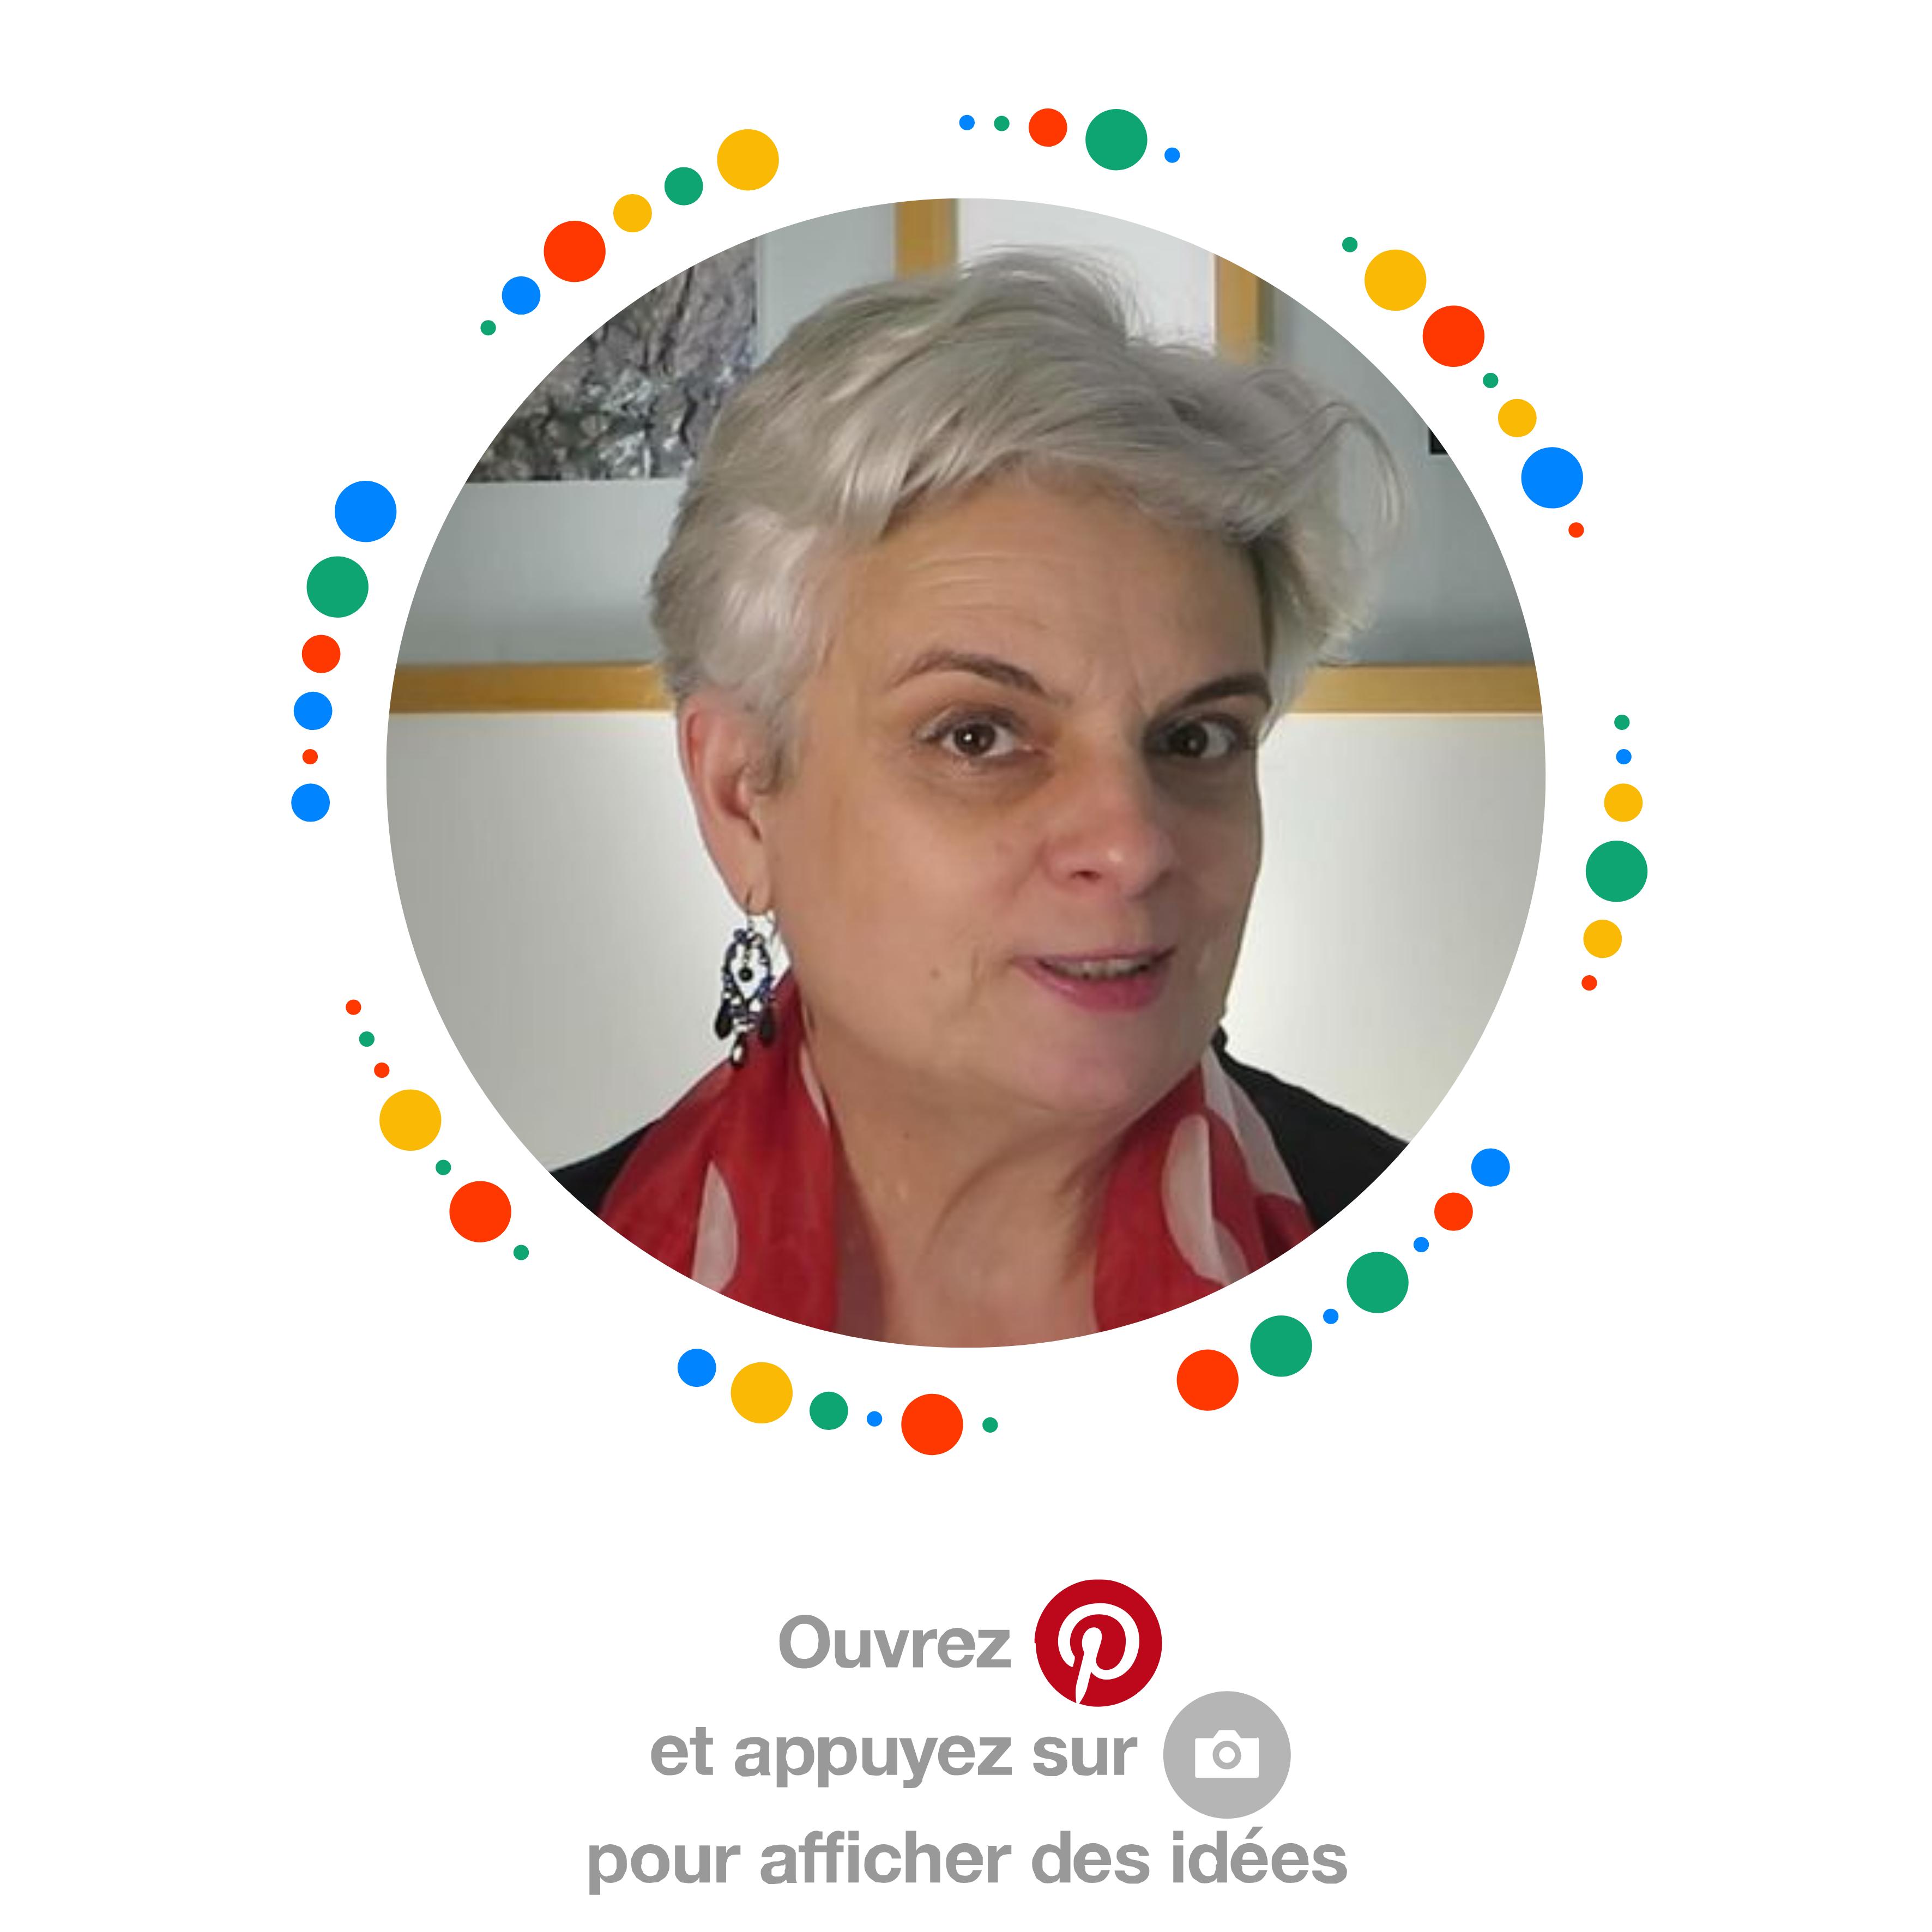 Utilisez le pincode pour retrouver mon compte Pinterest : Pascale Bégat - Réseaux sociaux